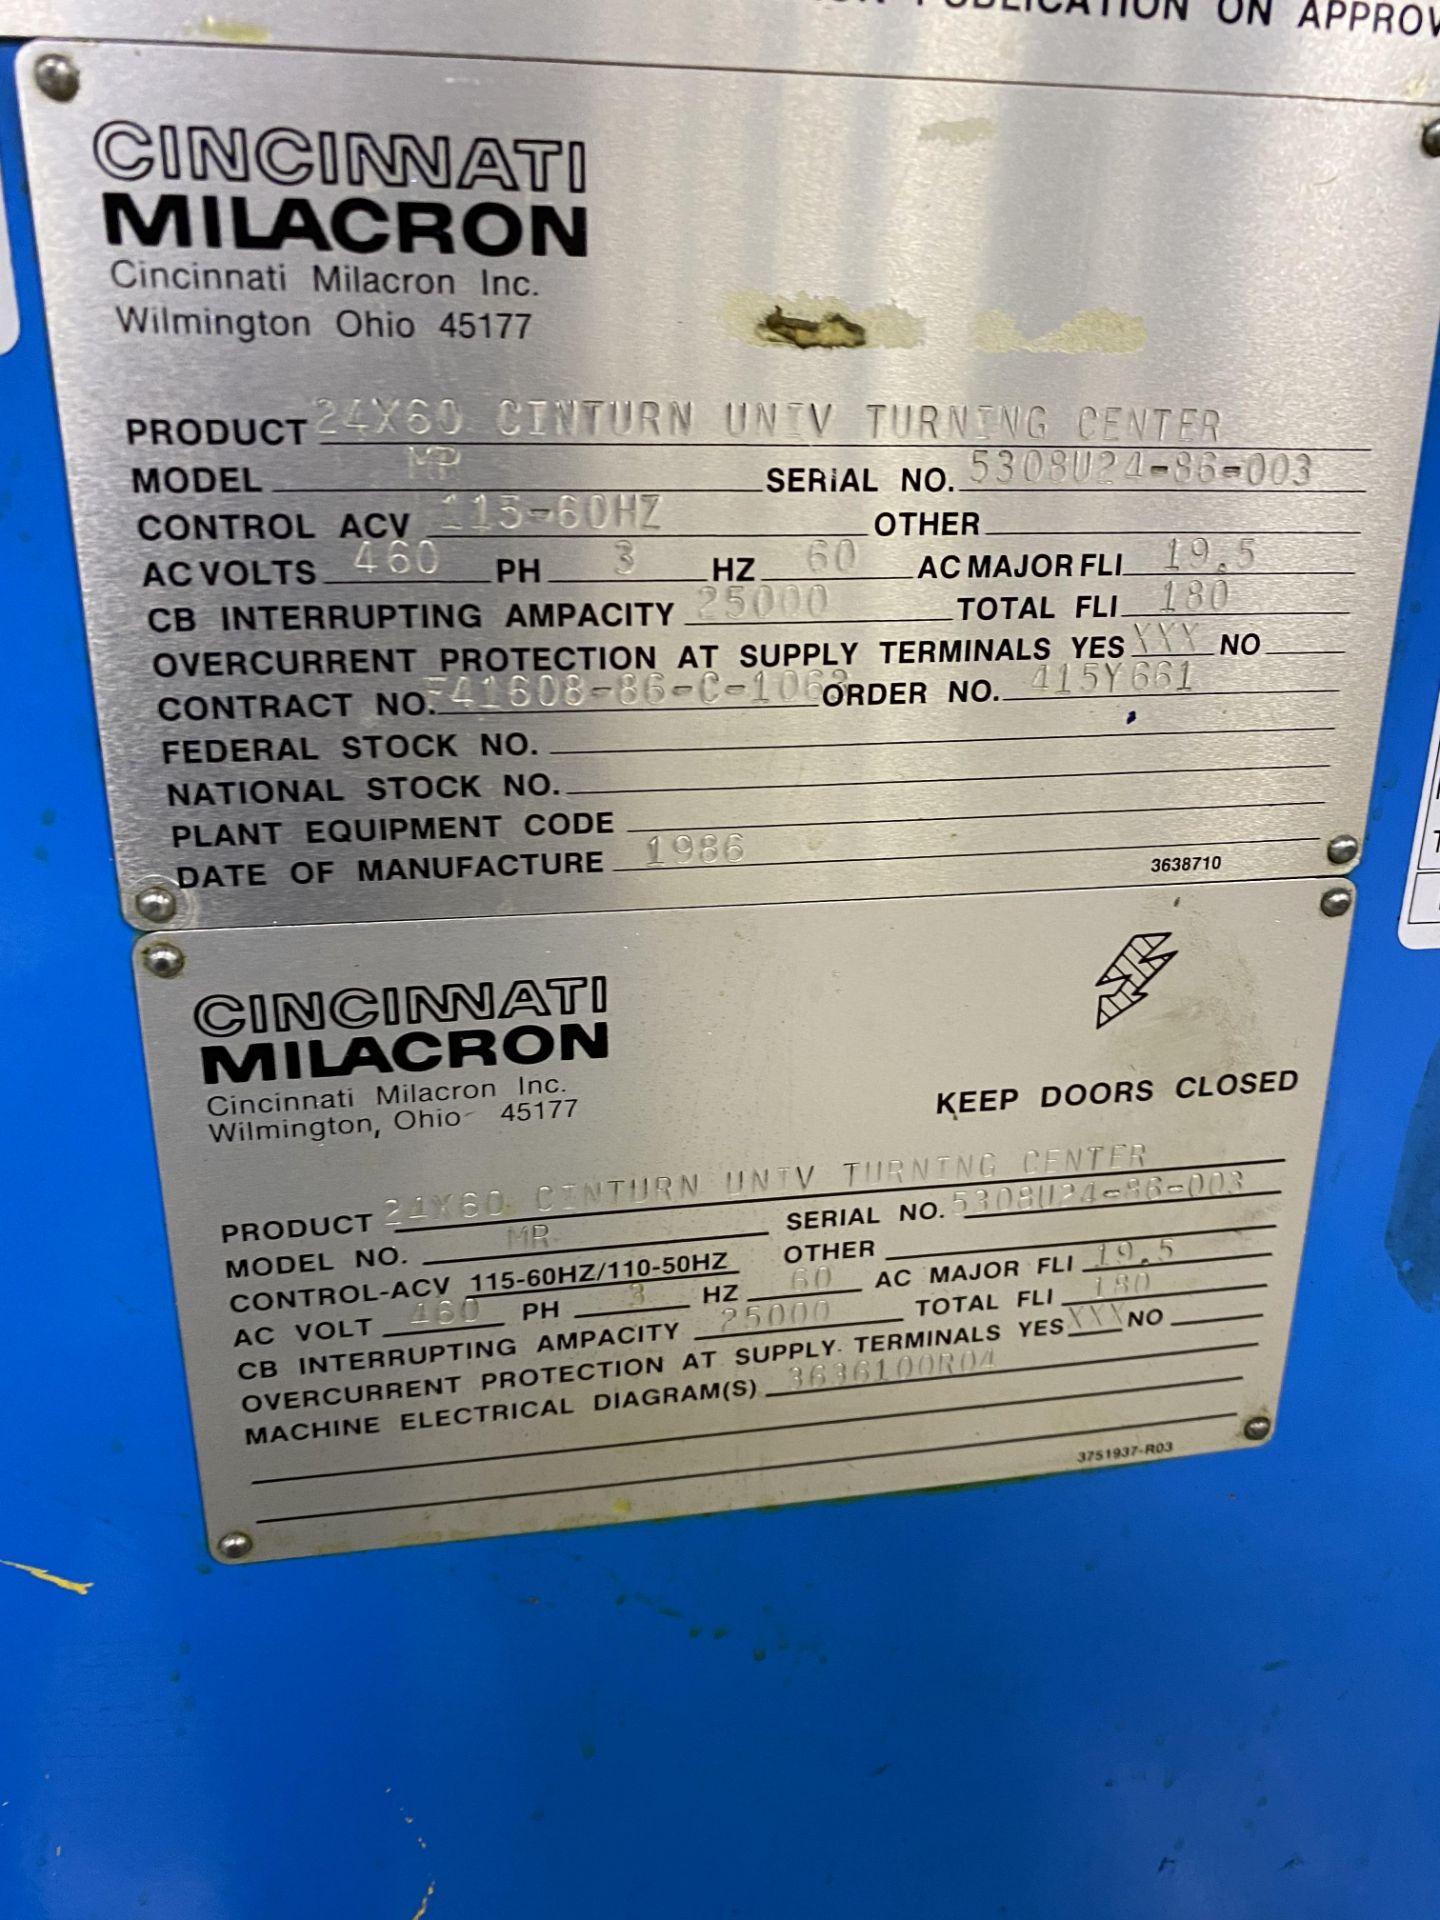 Cincinnati 24x60 Cinturn CNC Lathe - Image 8 of 8